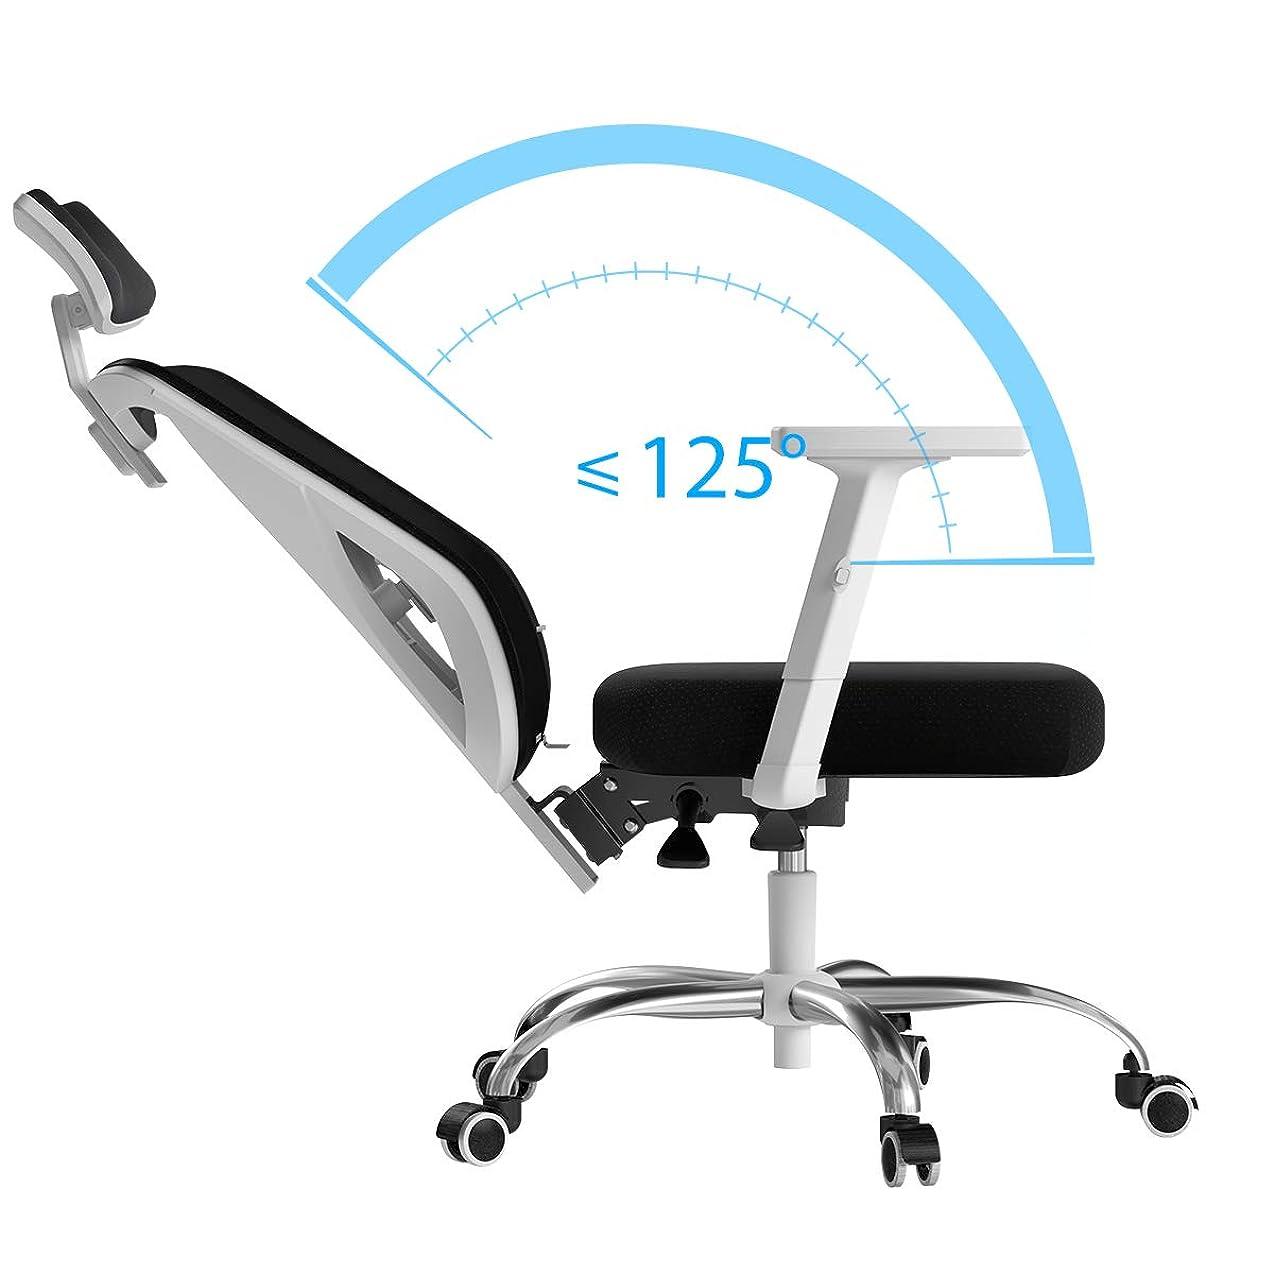 観察する電子レンジキャプテンブライHbada 椅子 オフィスチェア デスクチェア ハイバック S字カーブ 約160度リクライニング 腰サポート メッシュ 昇降アームレスト 可動式ヘッドレスト 通気性 360度回転 鋼製ベース 「一年無償部品交換保証」